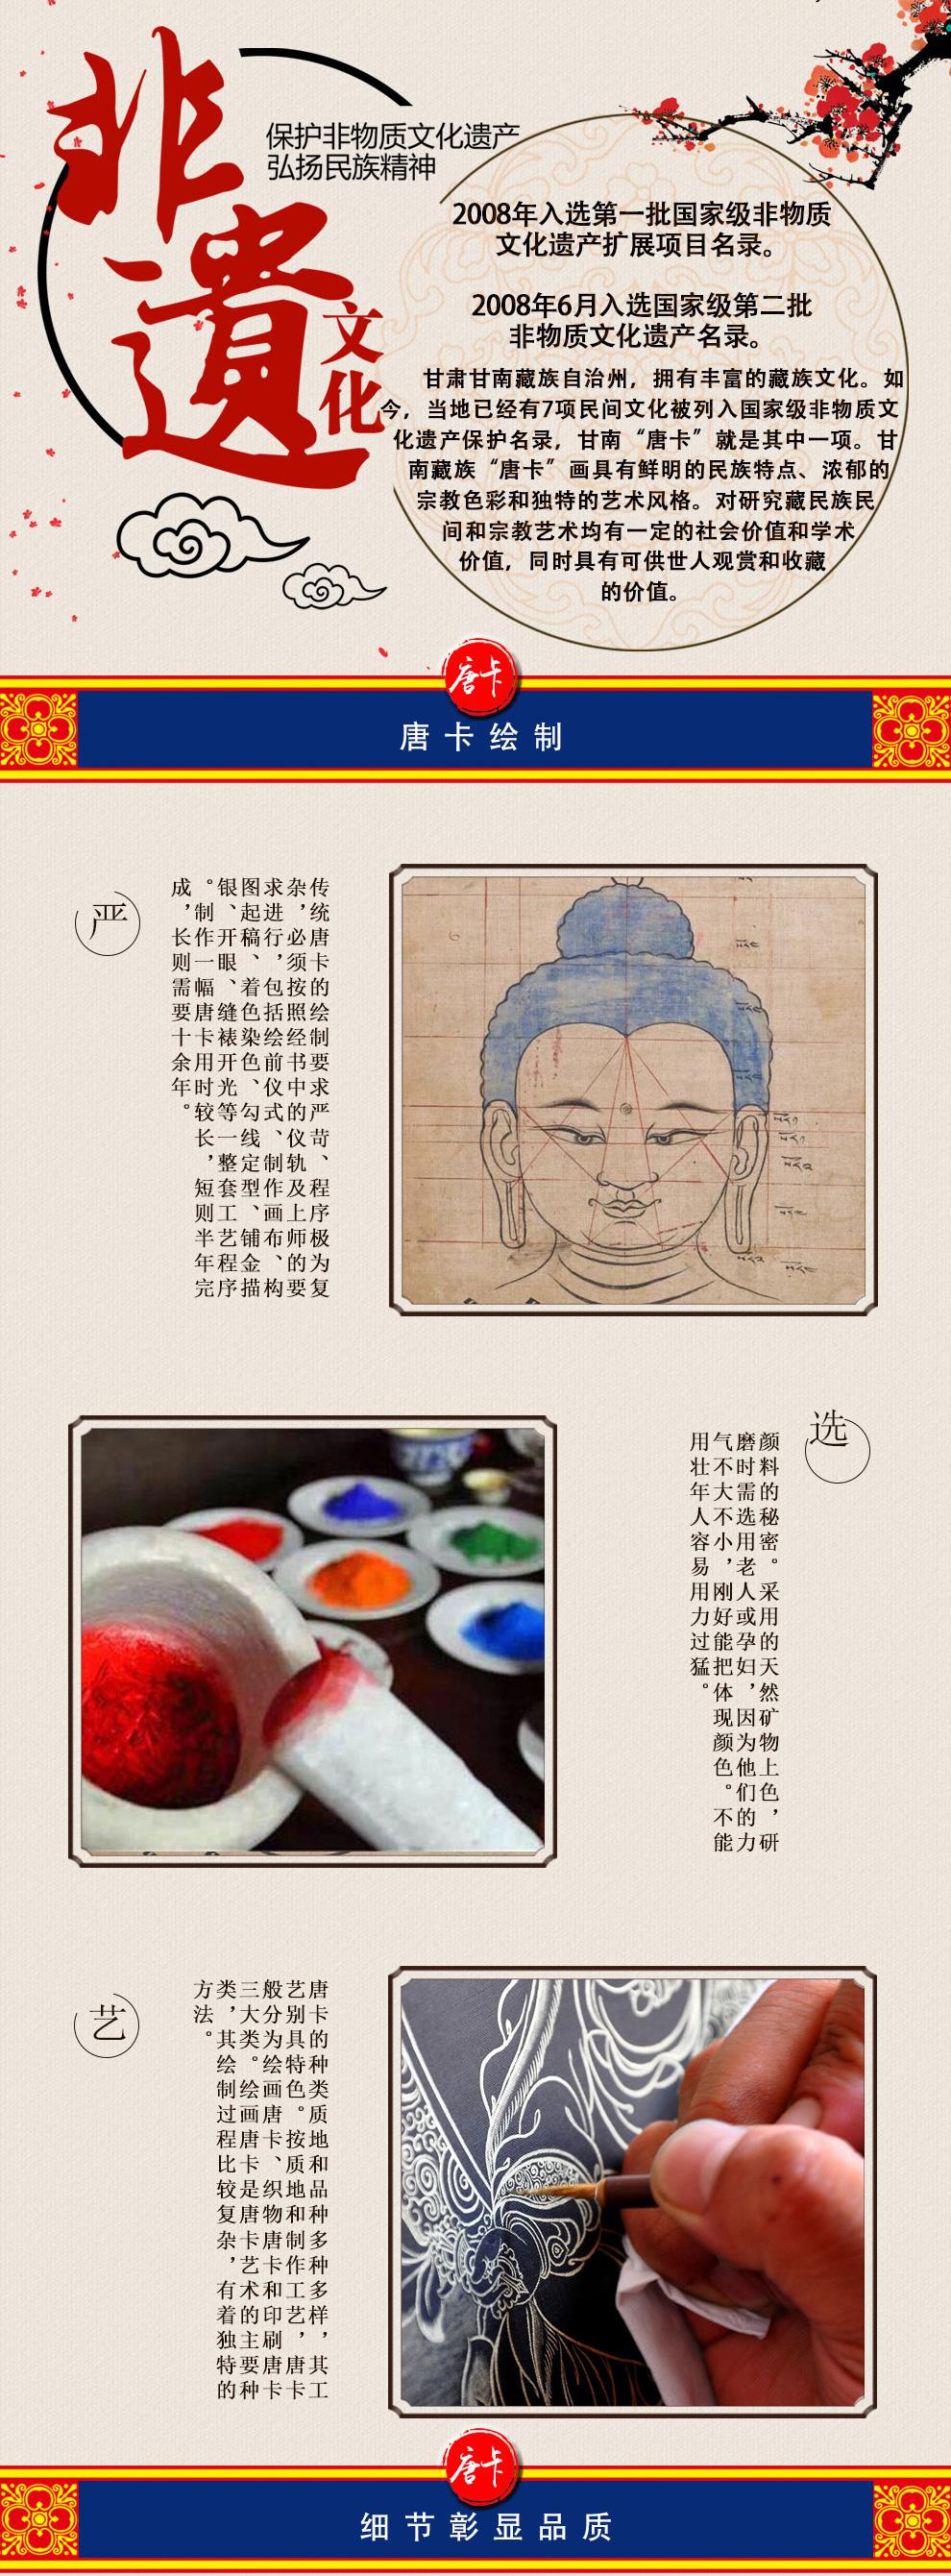 手工描金民族风坛城唐卡